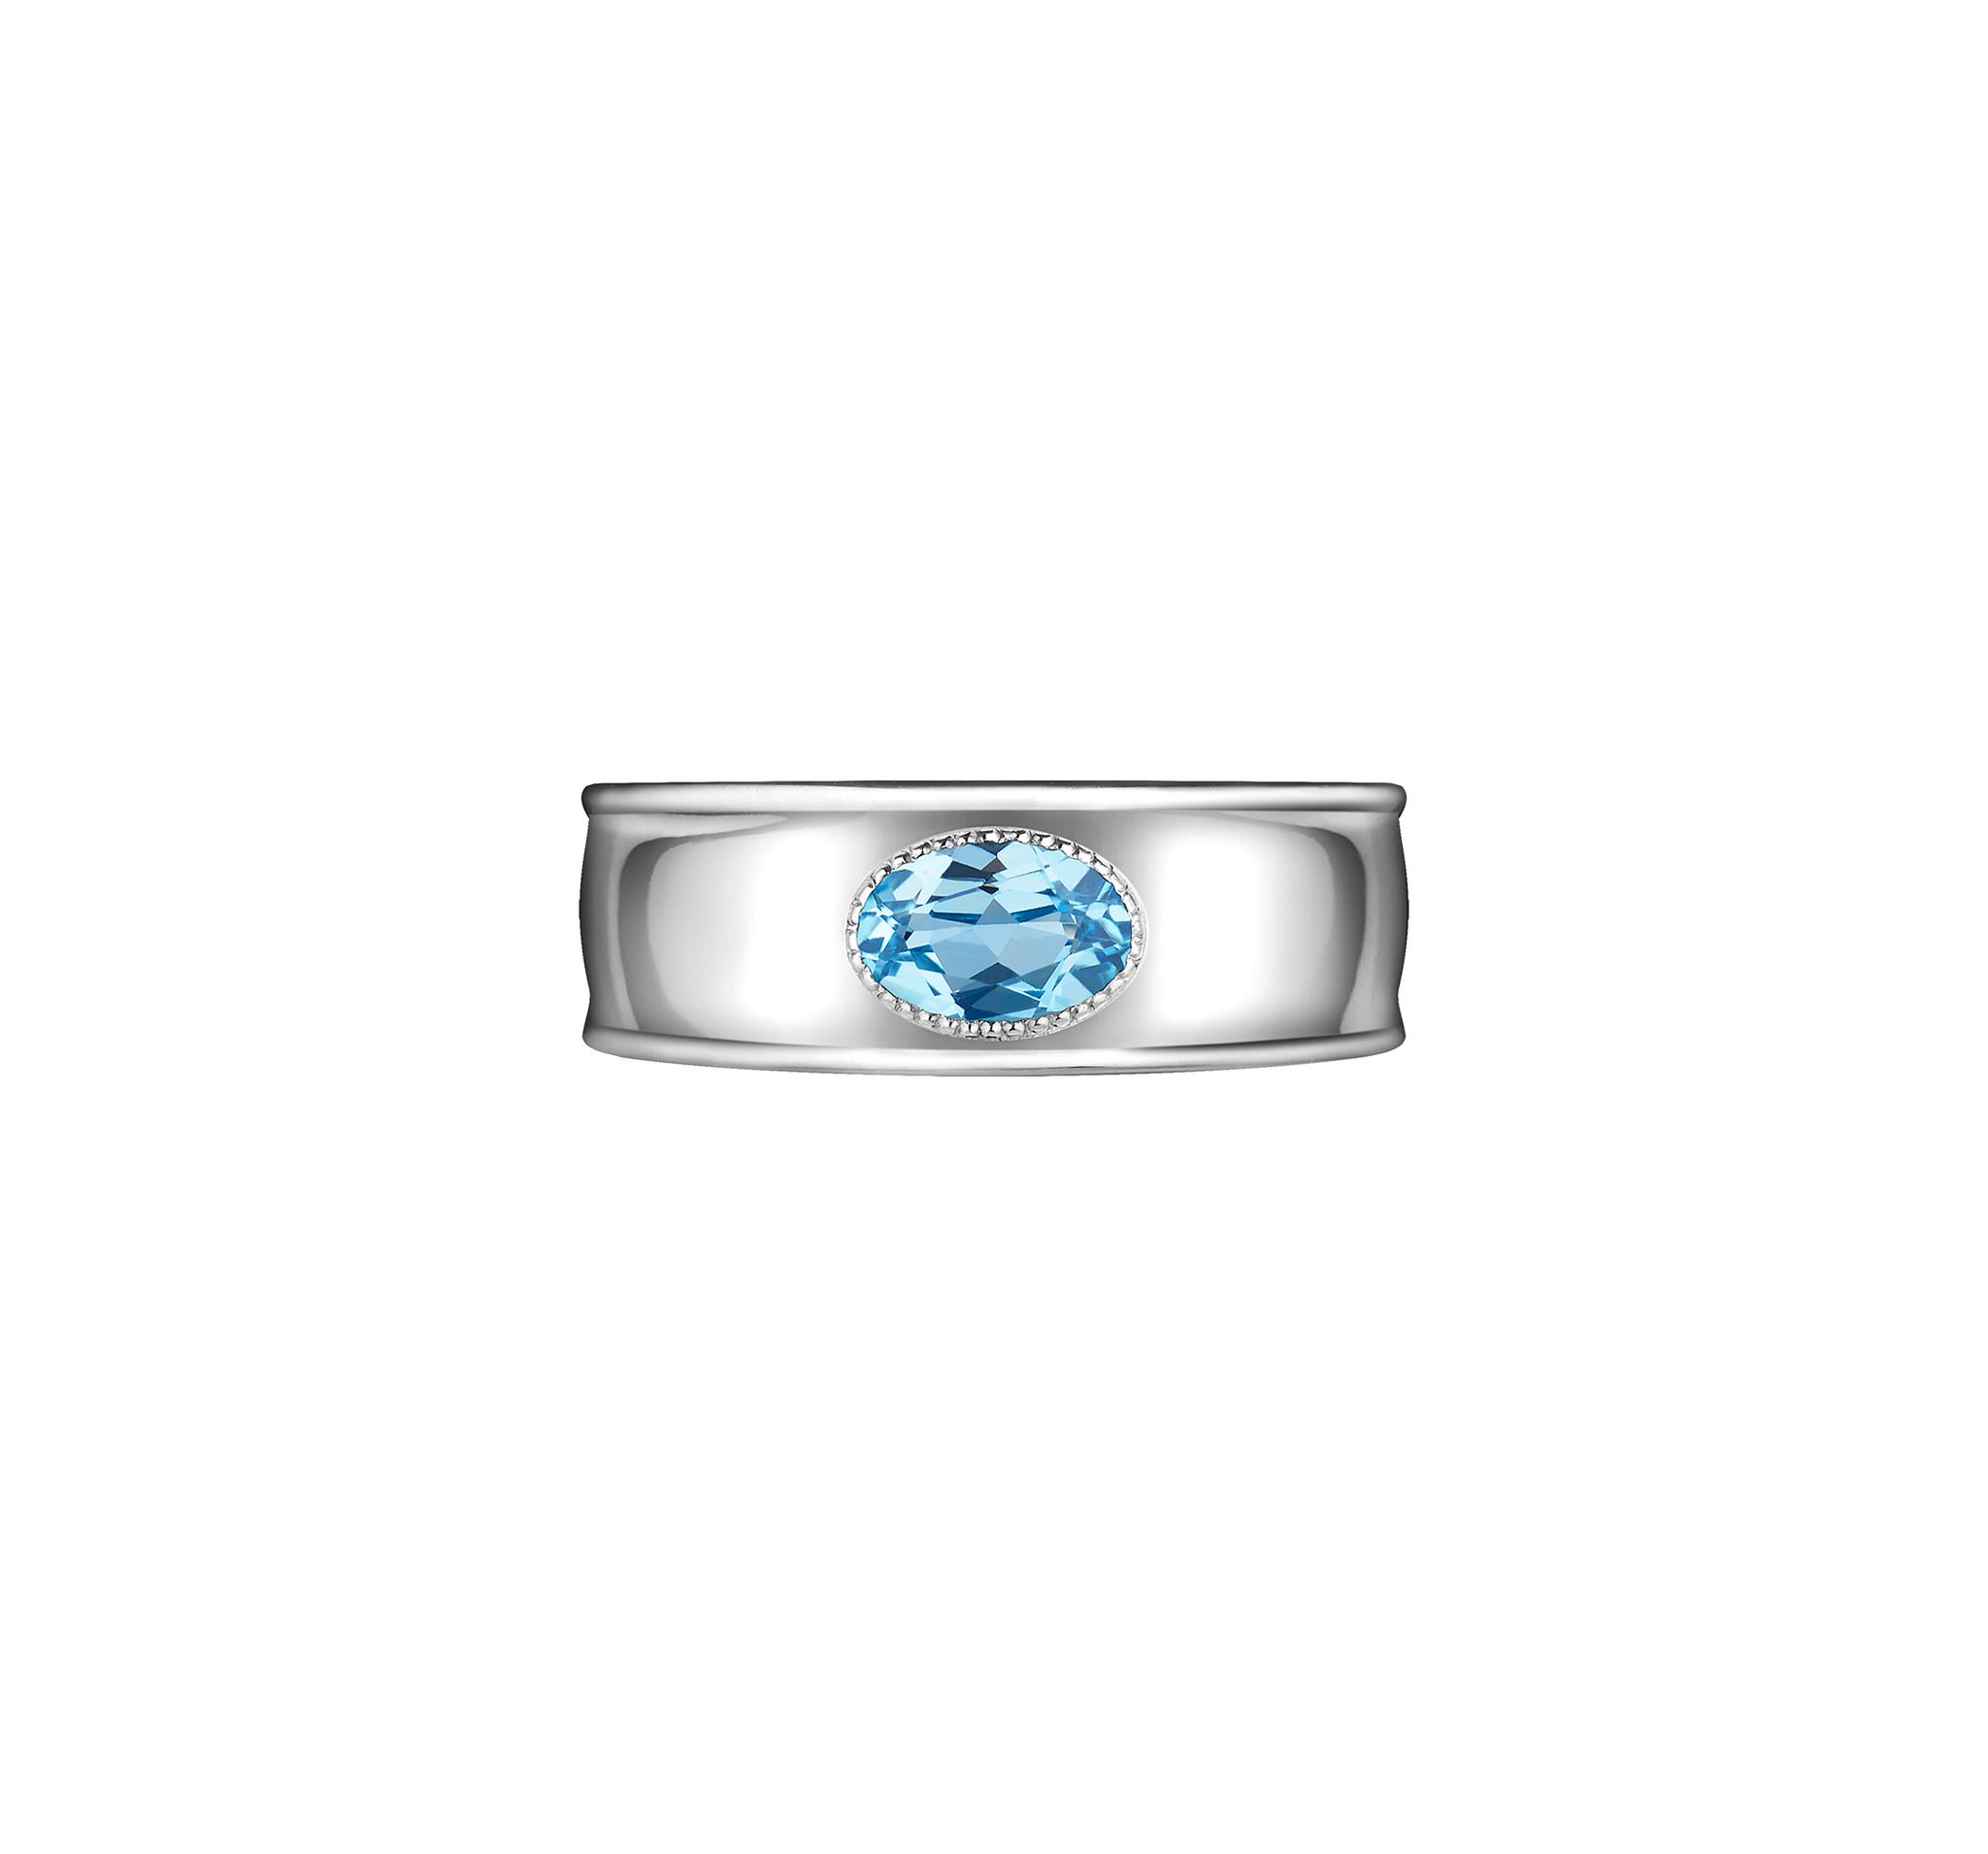 Кольцо из серебра 925 пробы, покрыто родием и дополнено голубым топазом